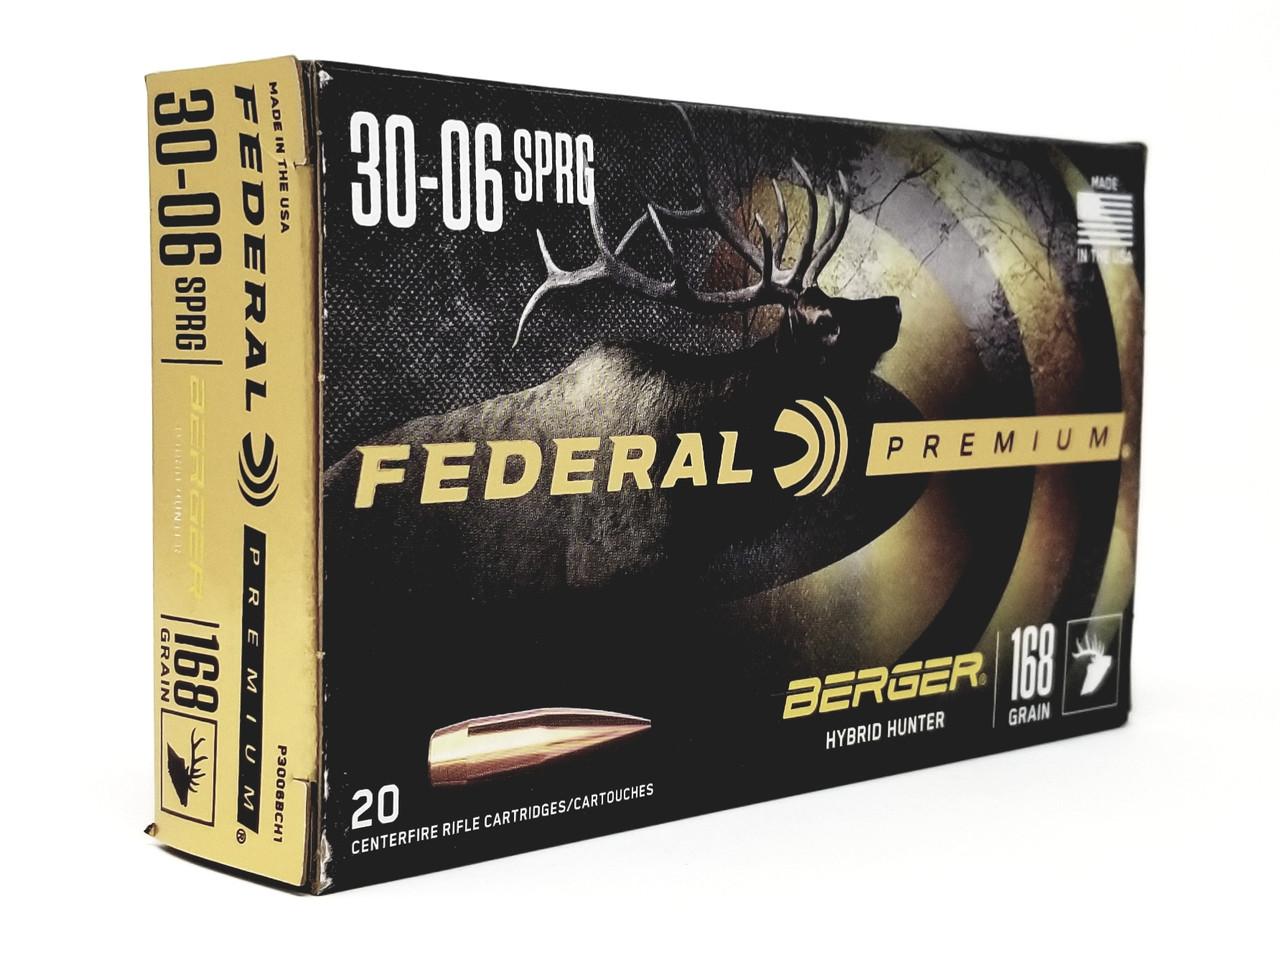 Federal 30-06 Ammunition P3006BCH1 168 Grain Berger Hybrid Hunter 20 Rounds